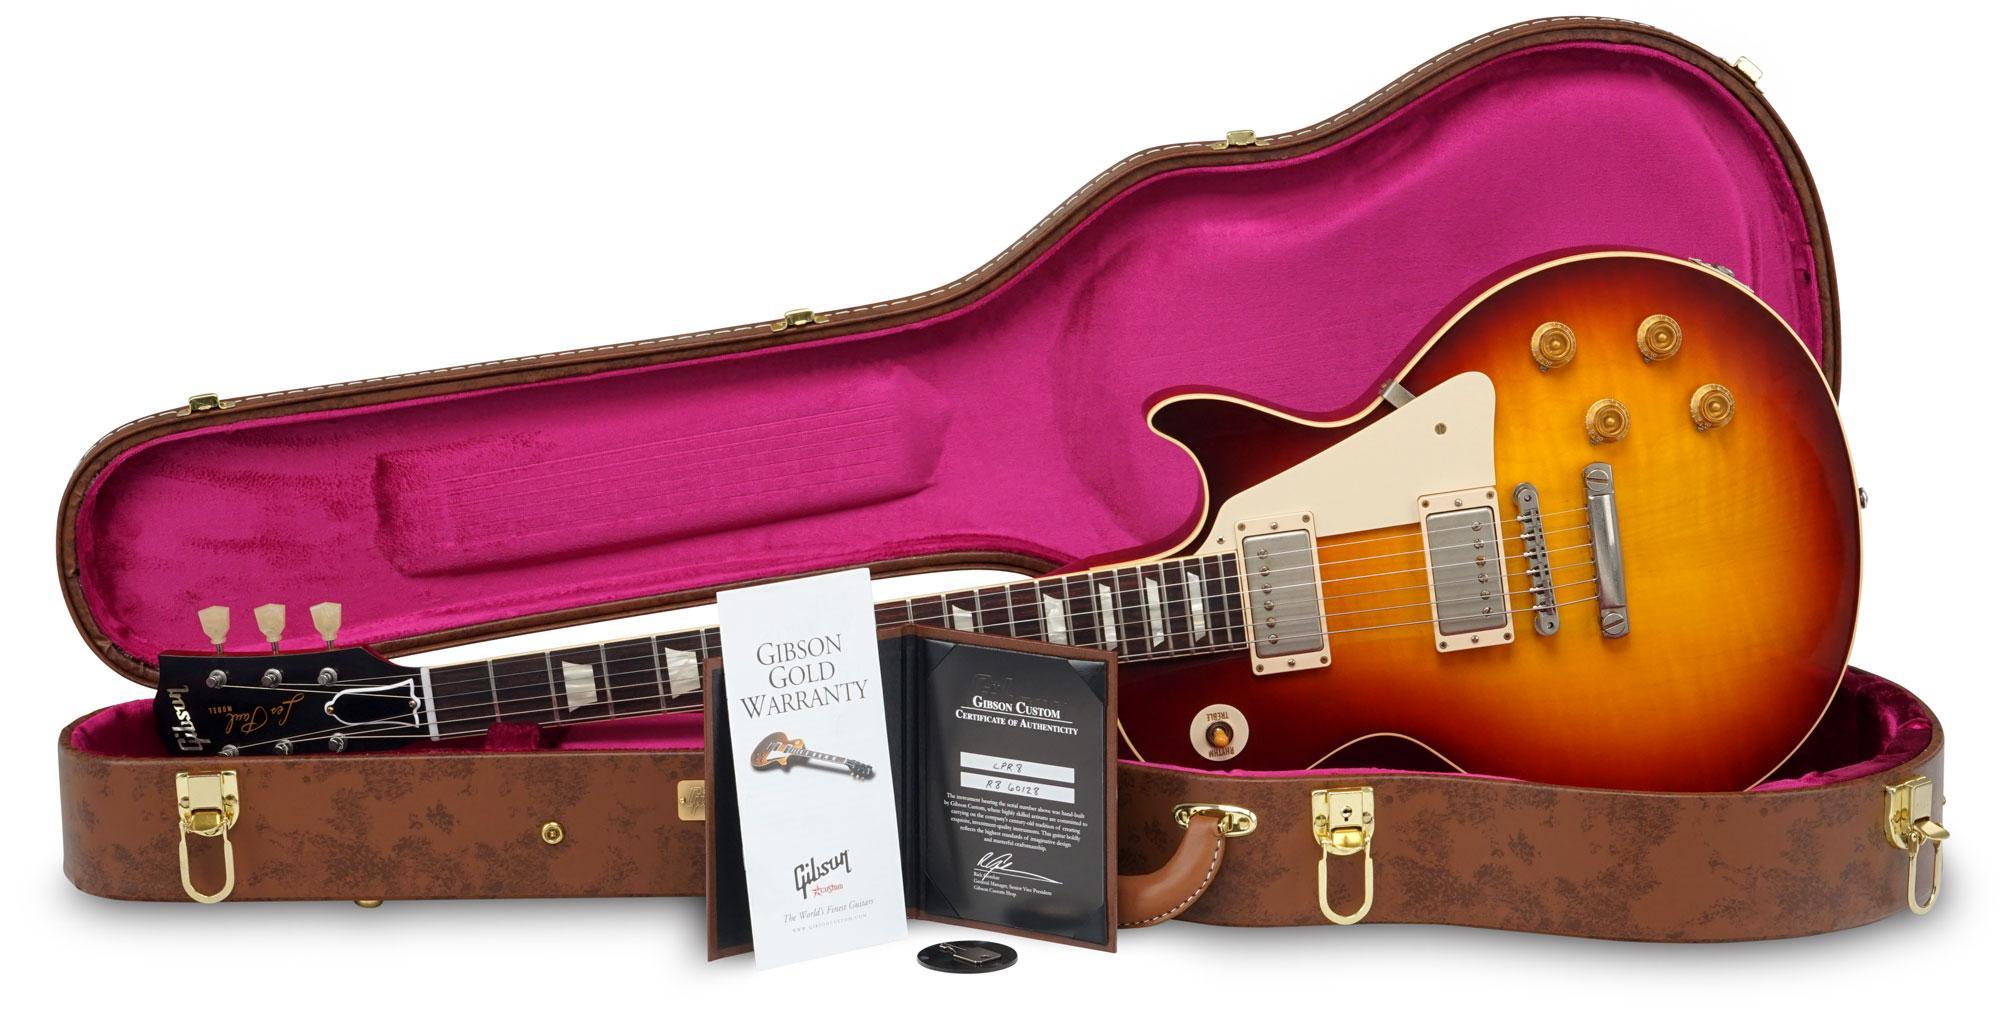 Gibson Standard Historic 1958 Les Paul Standard VOS BB LPR84VOBBNH1